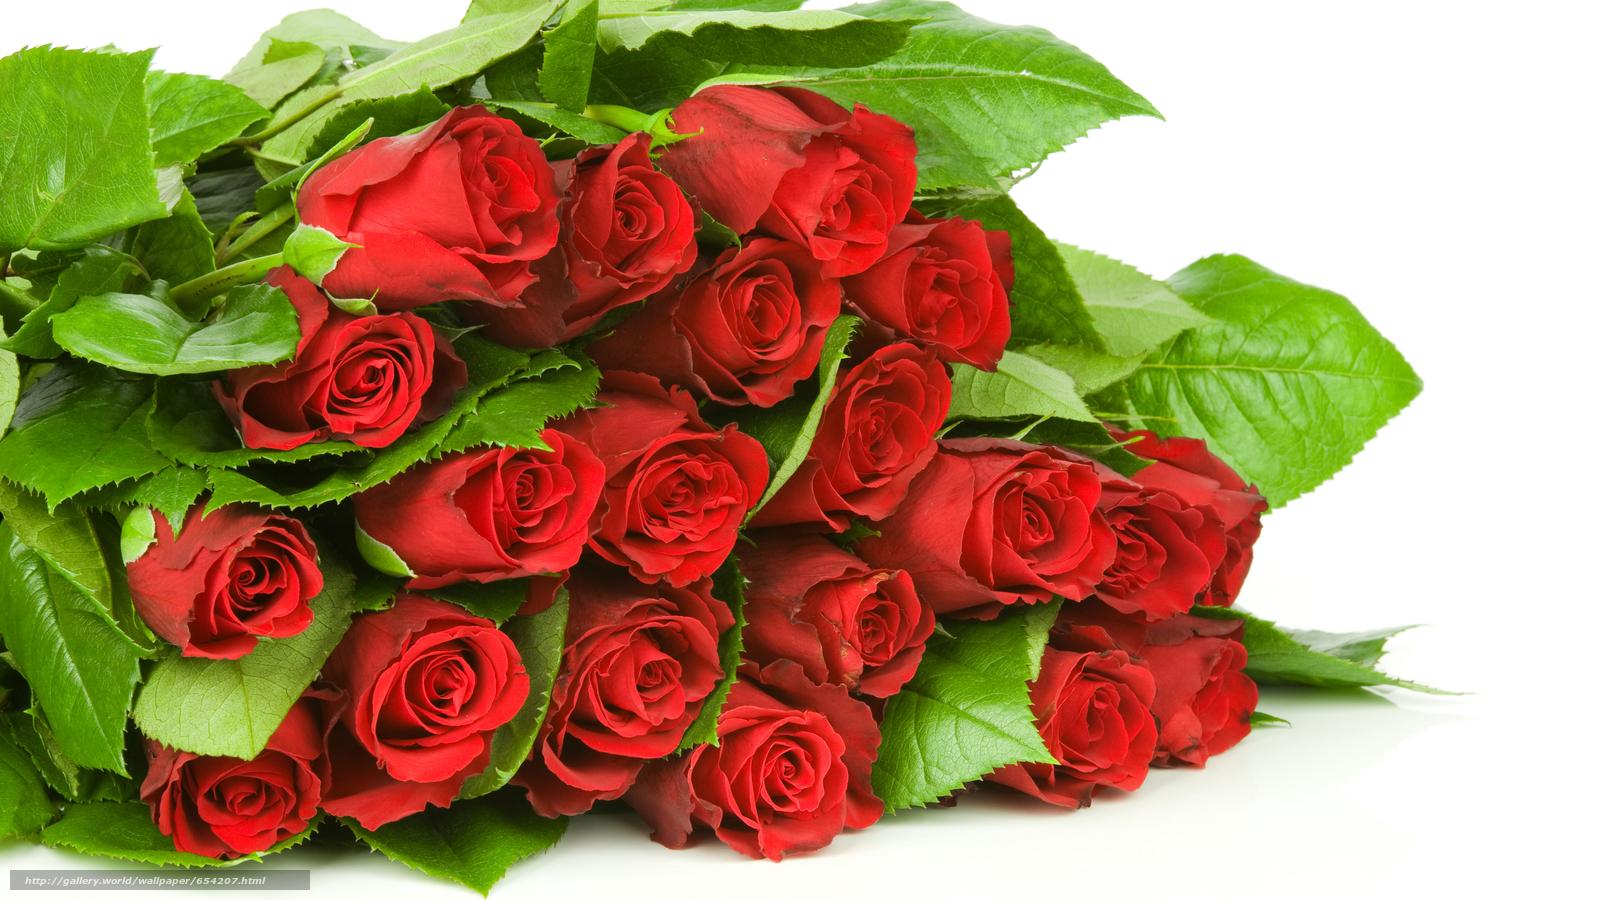 Скачать обои роза,  розы,  цветок,  цветы бесплатно для рабочего стола в разрешении 8576x4824 — картинка №654207